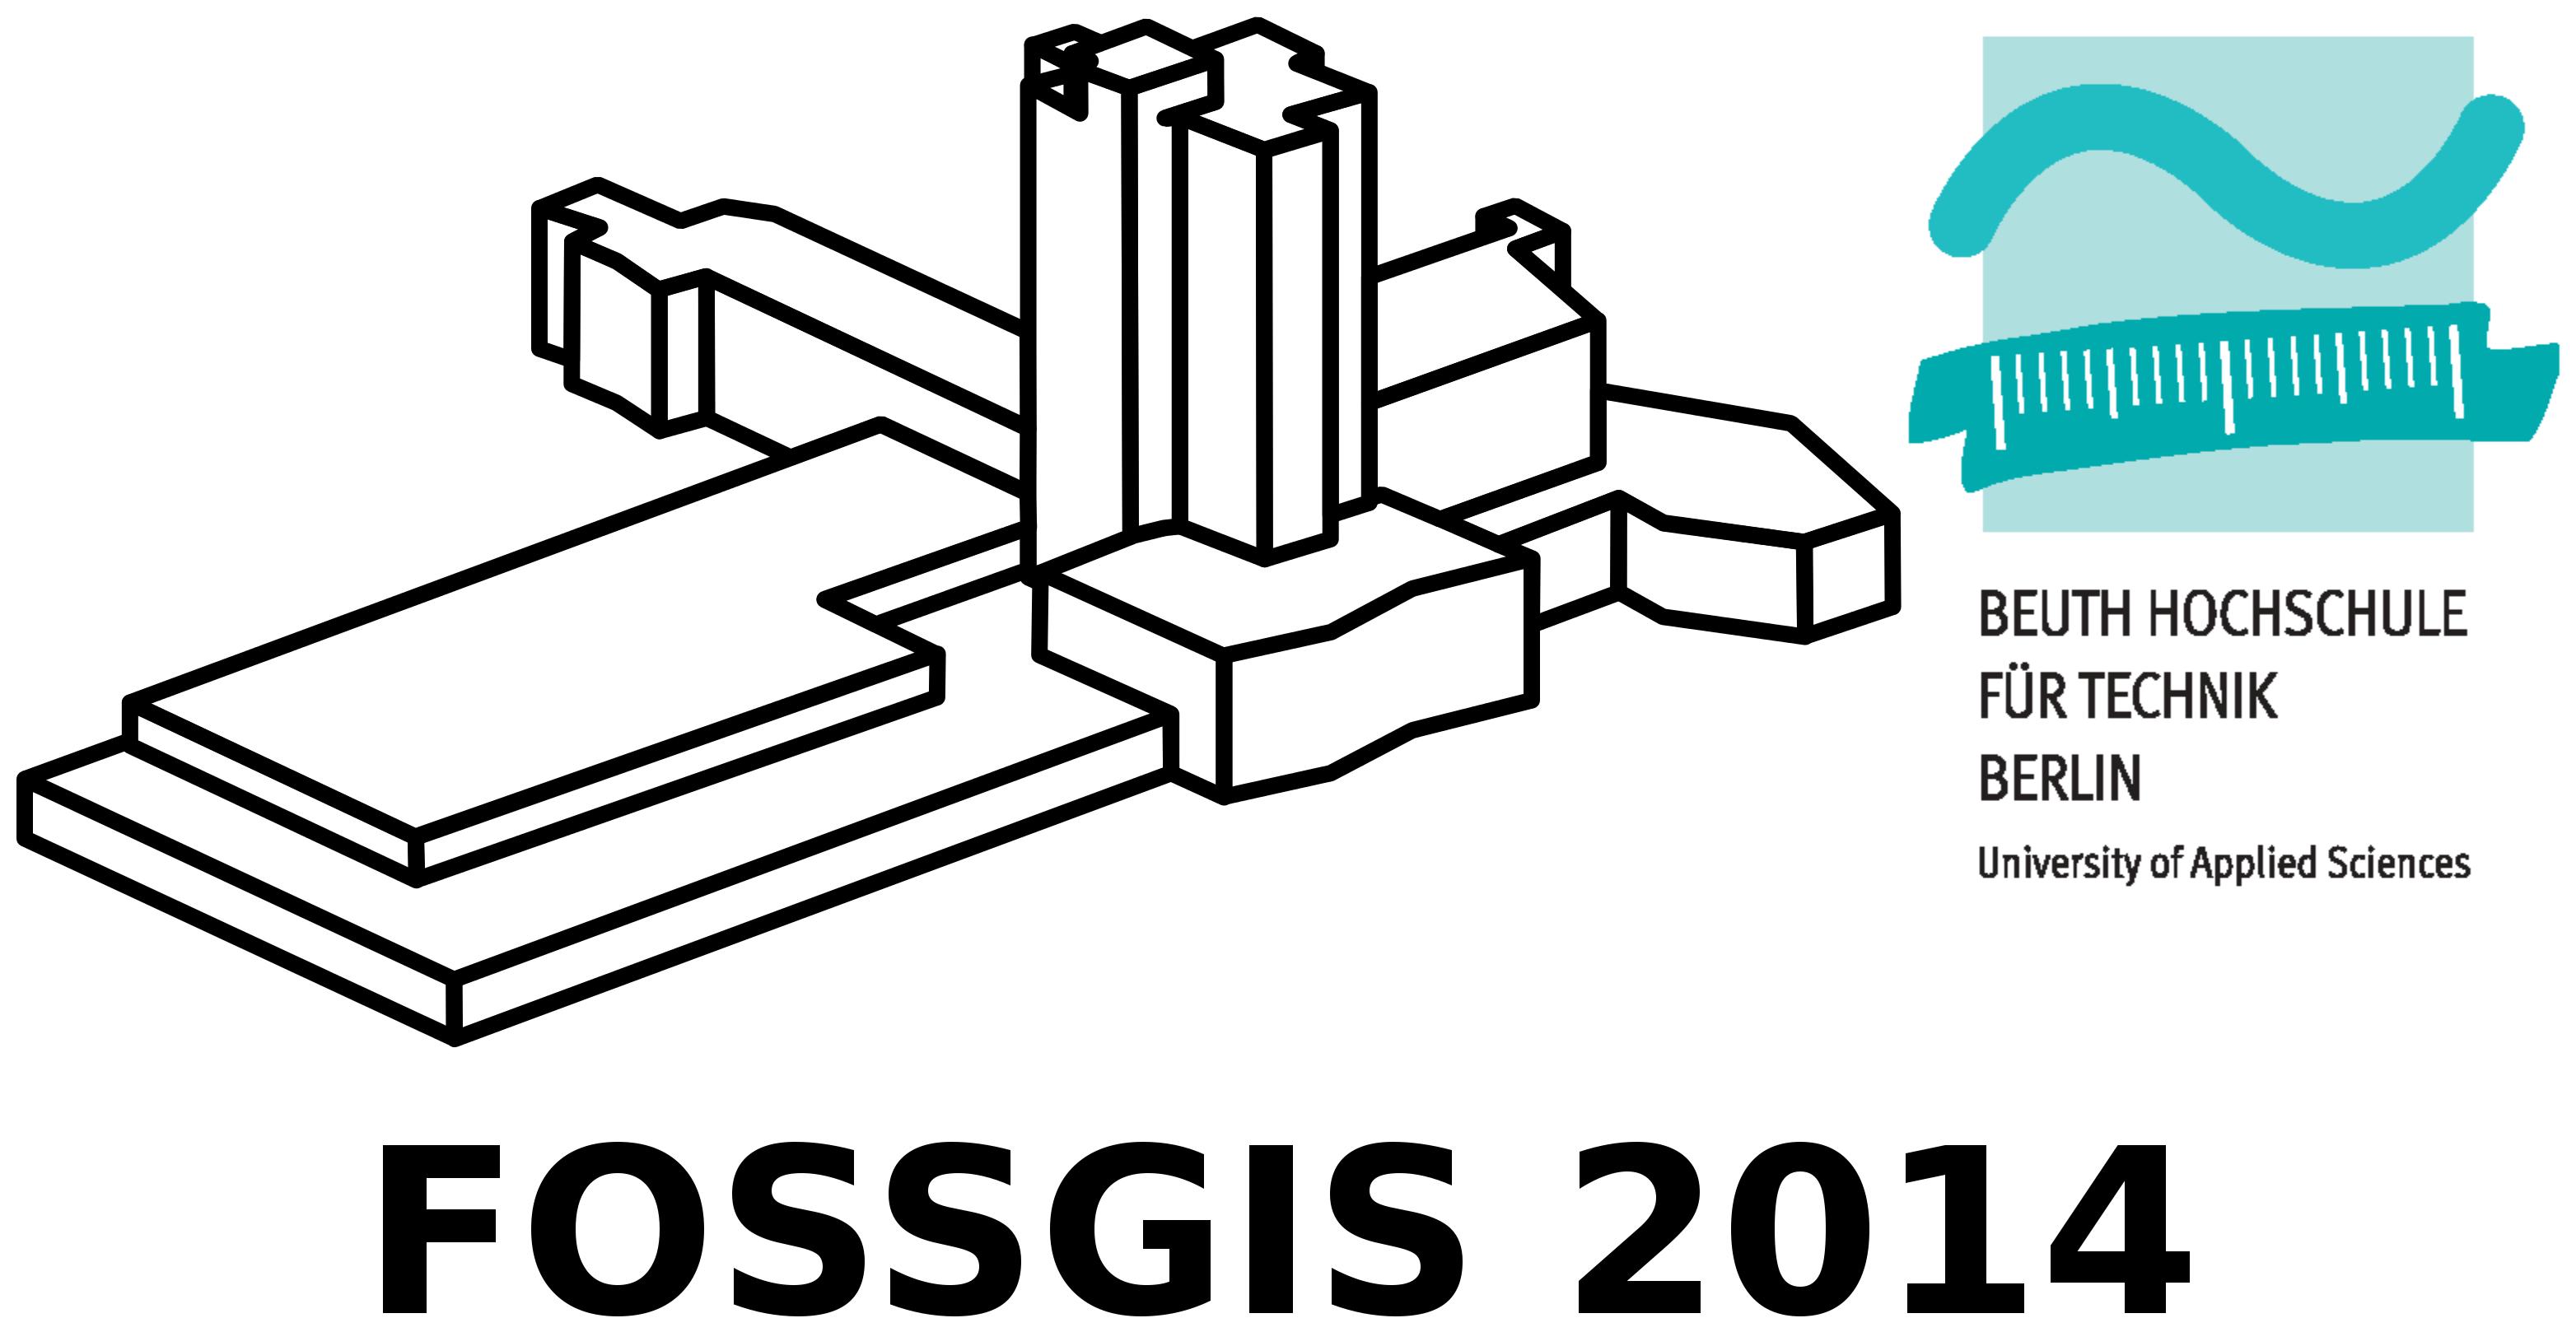 FOSSGIS 2014 Berlin an der Beuth Hochschule für Technik